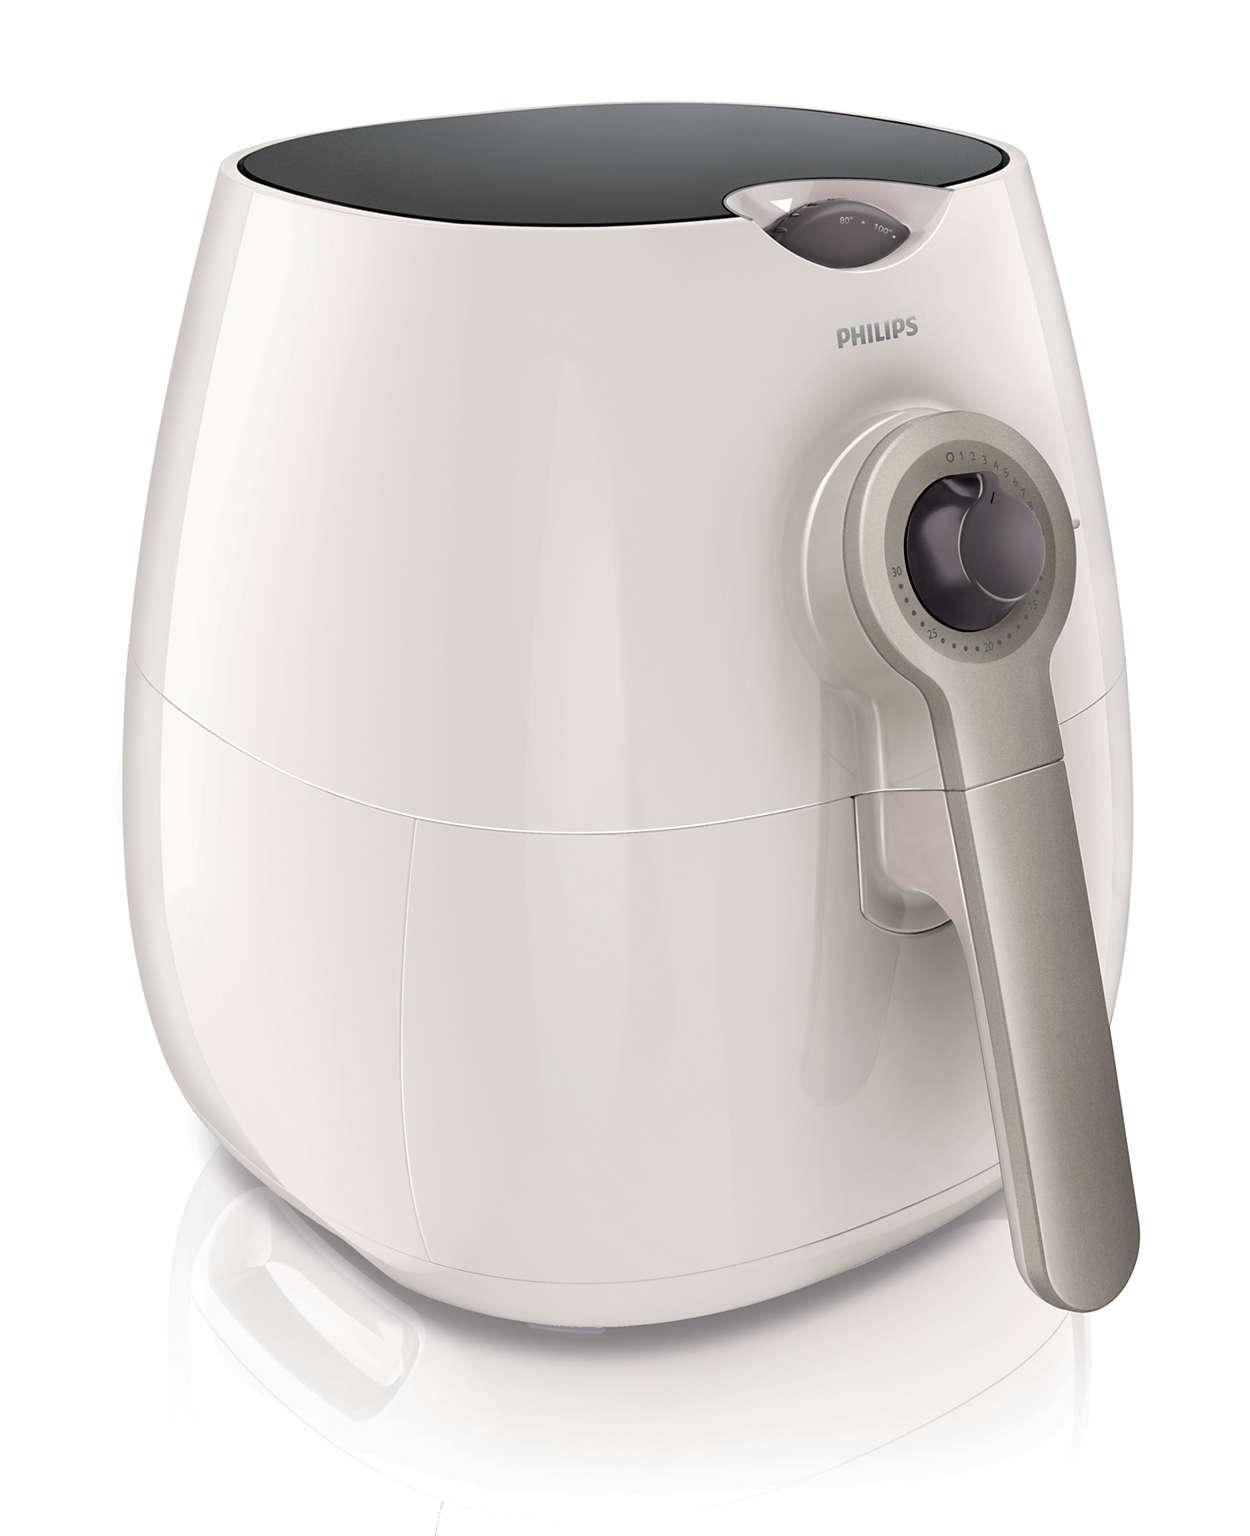 油を使わない調理家電ノンフライヤー。 新バスケットでさらに使いやすくメニューも広がる!